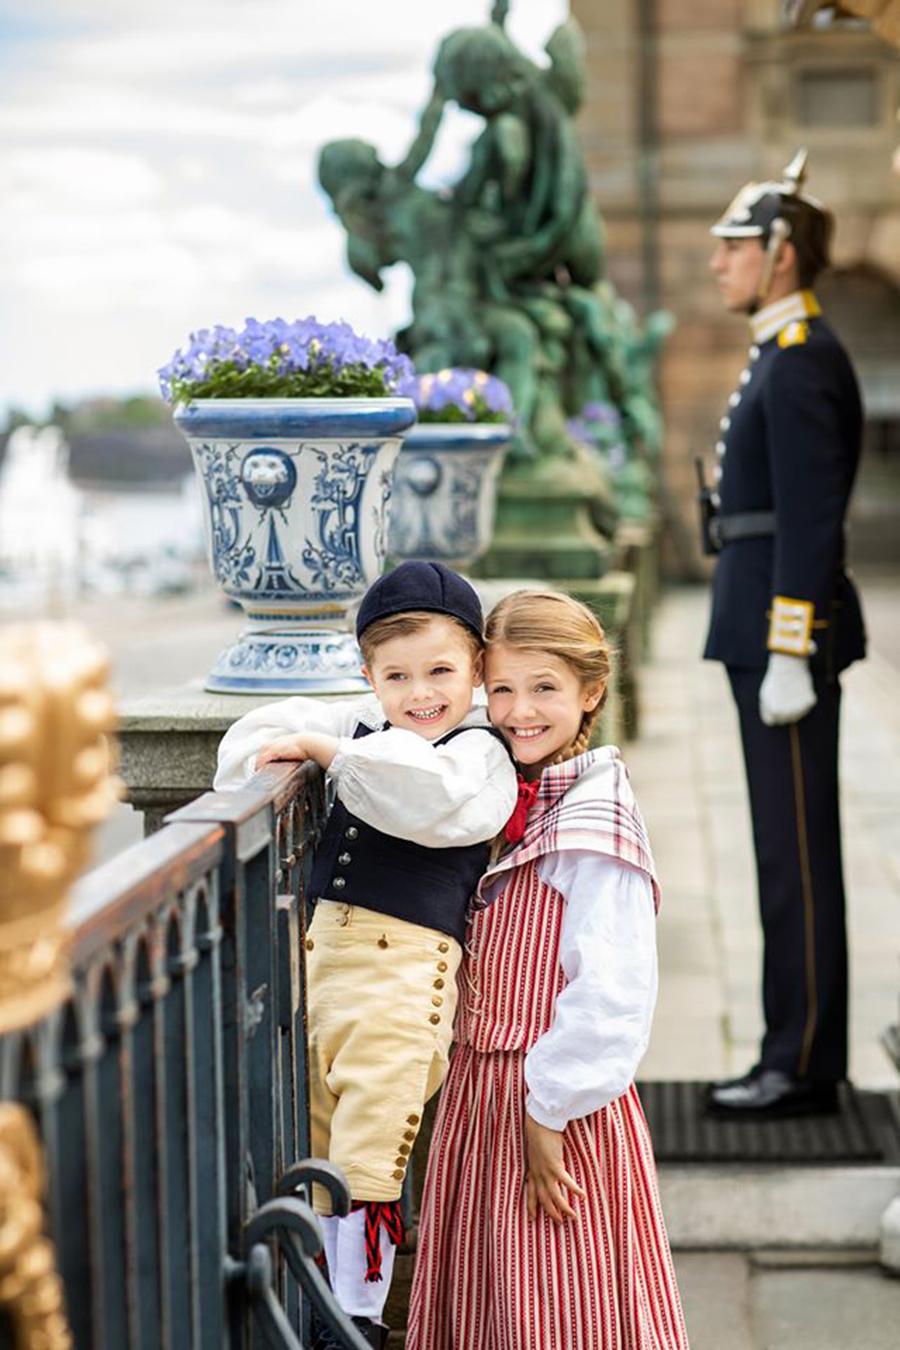 Принцесса Эстель принц Оскар шведская королевская семья дети выросли в национальных костюмах